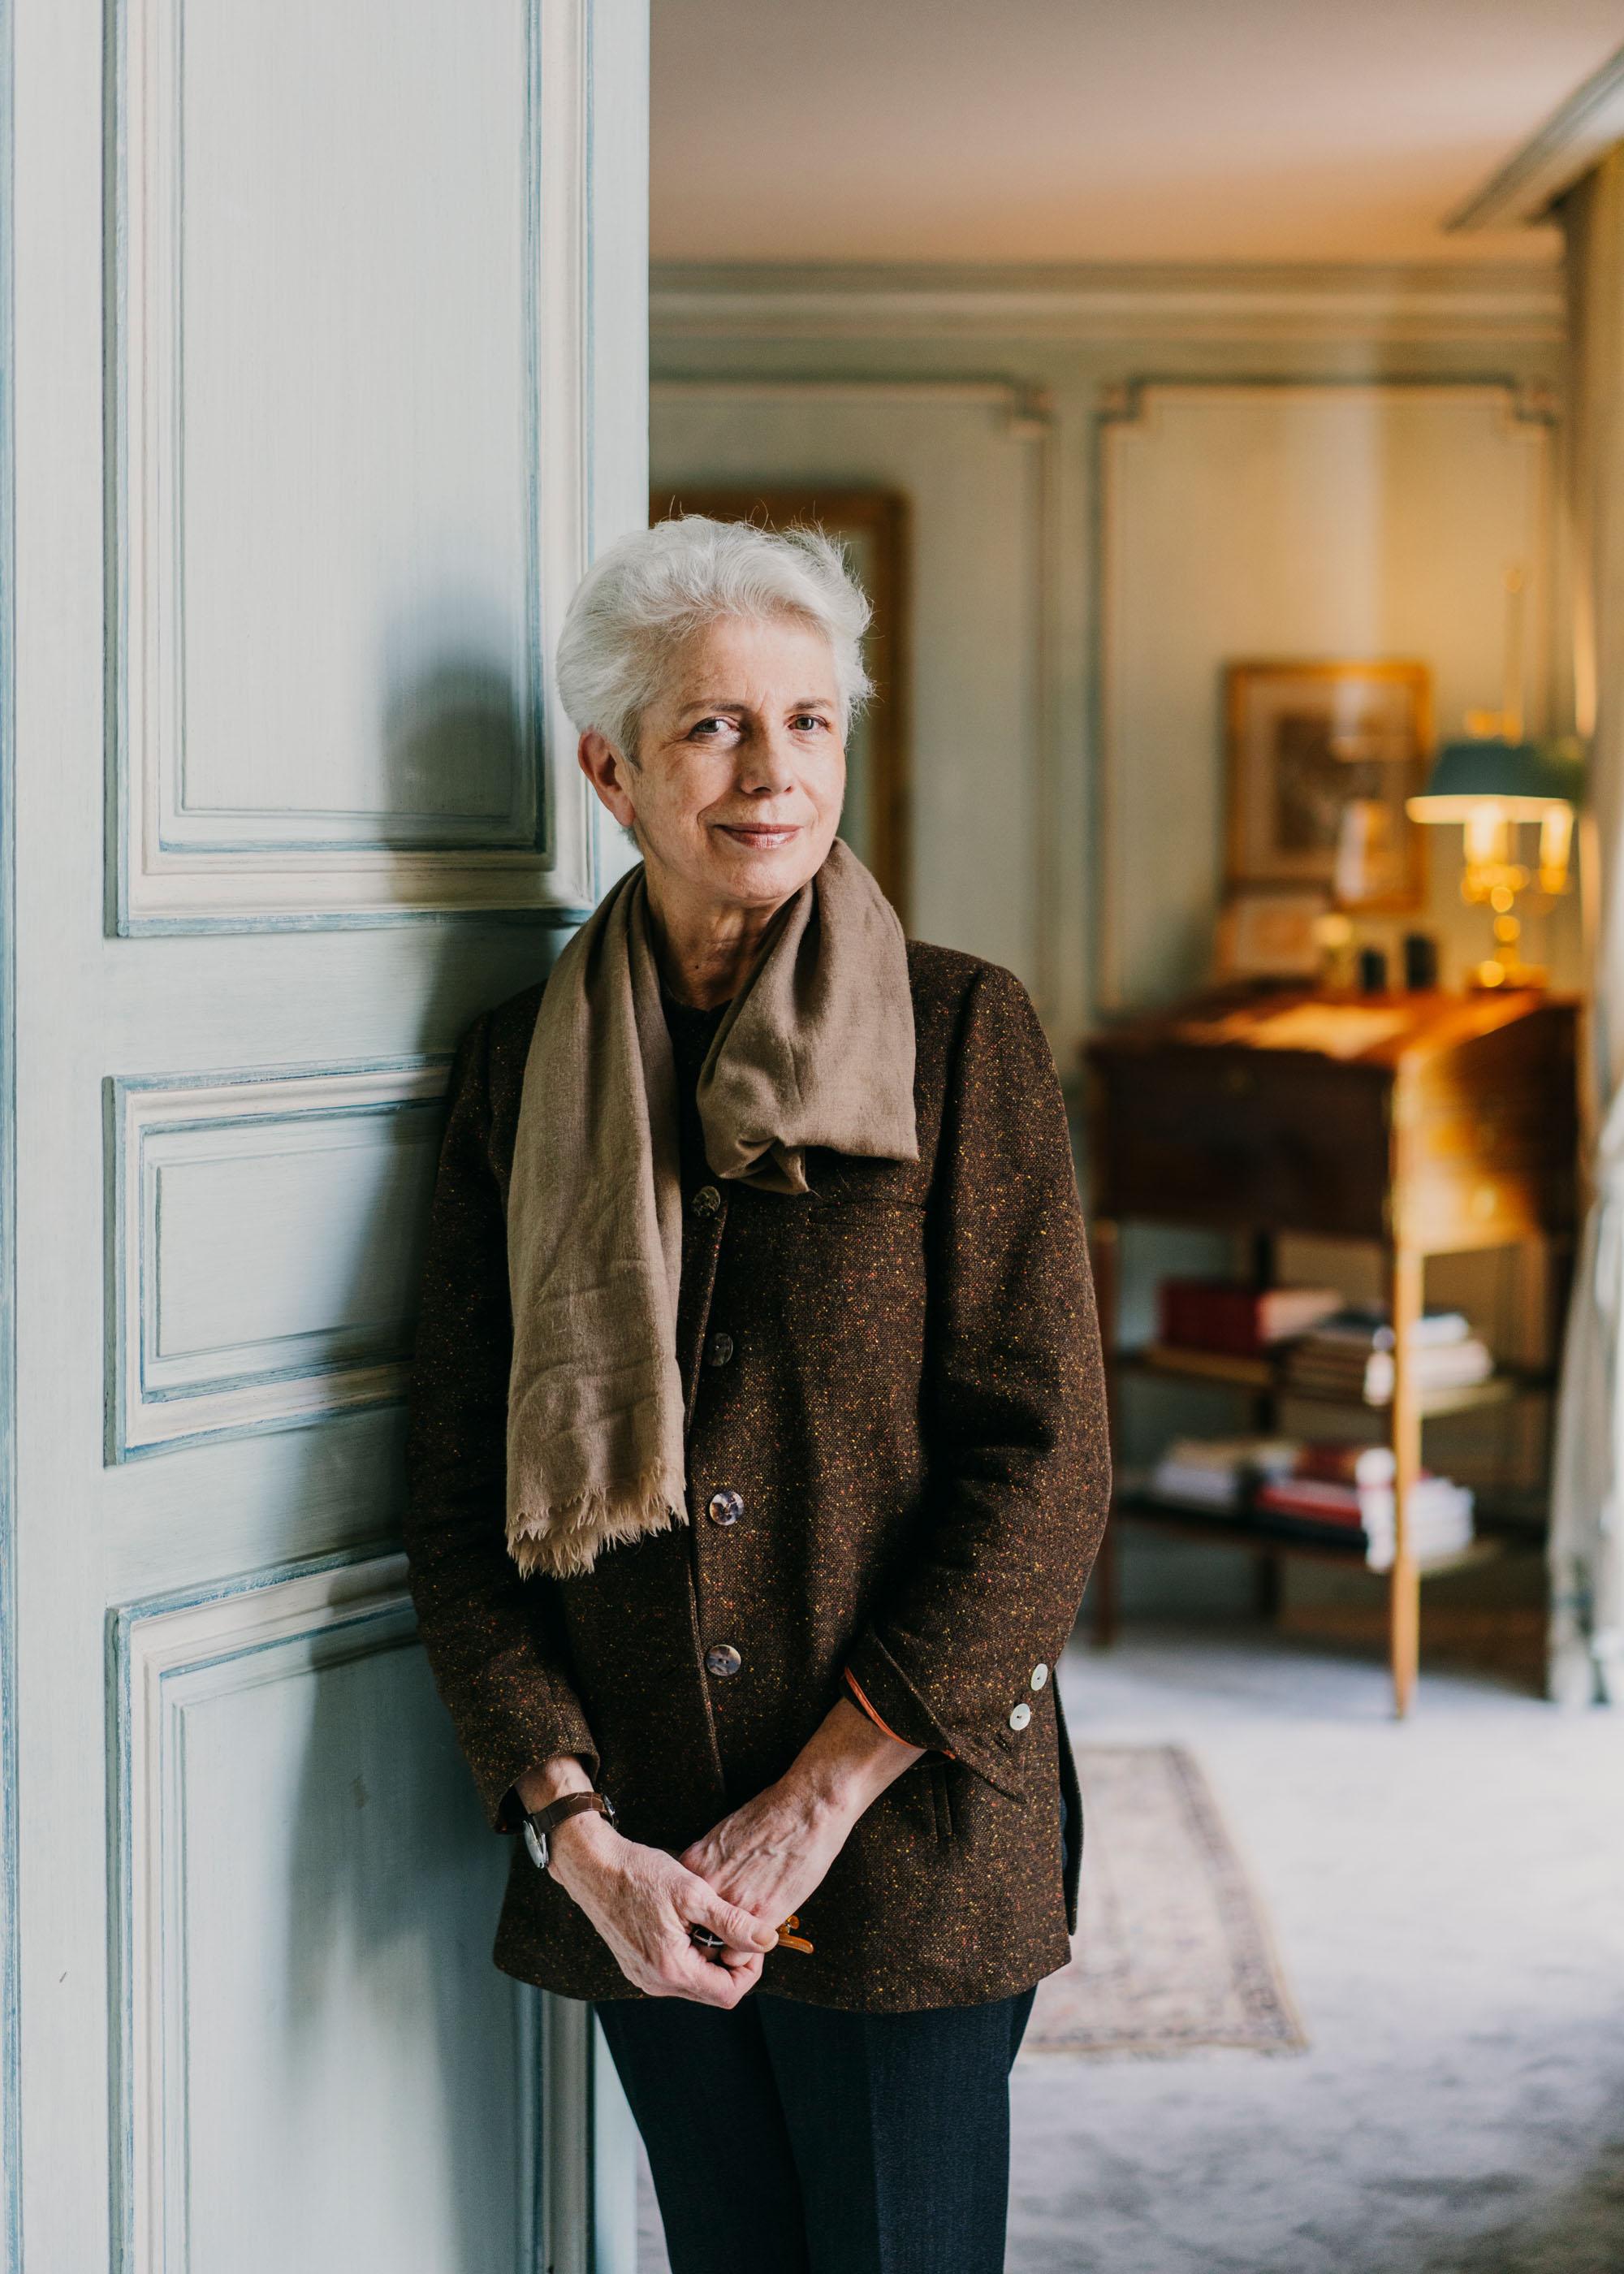 #portraits #editorial #enroute #paris